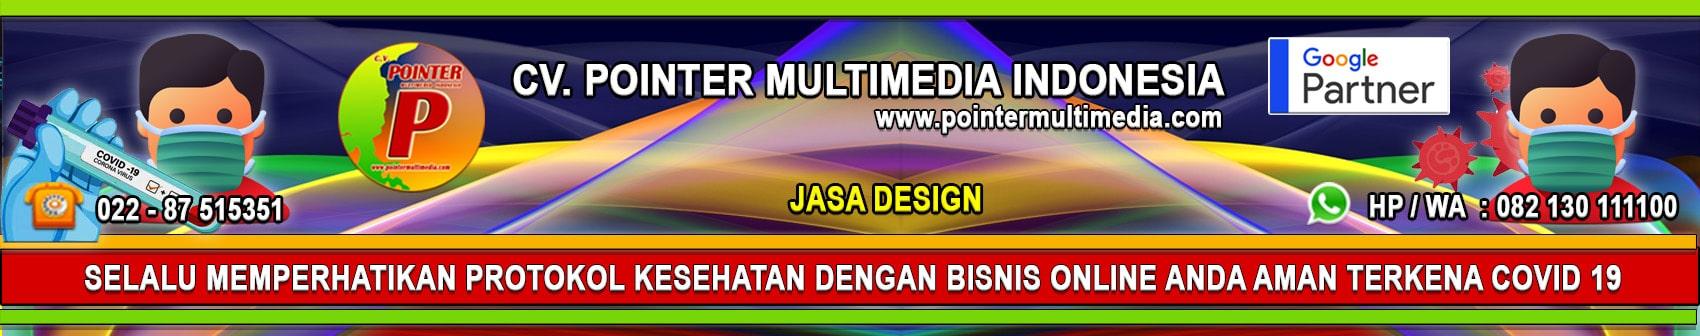 jasa design